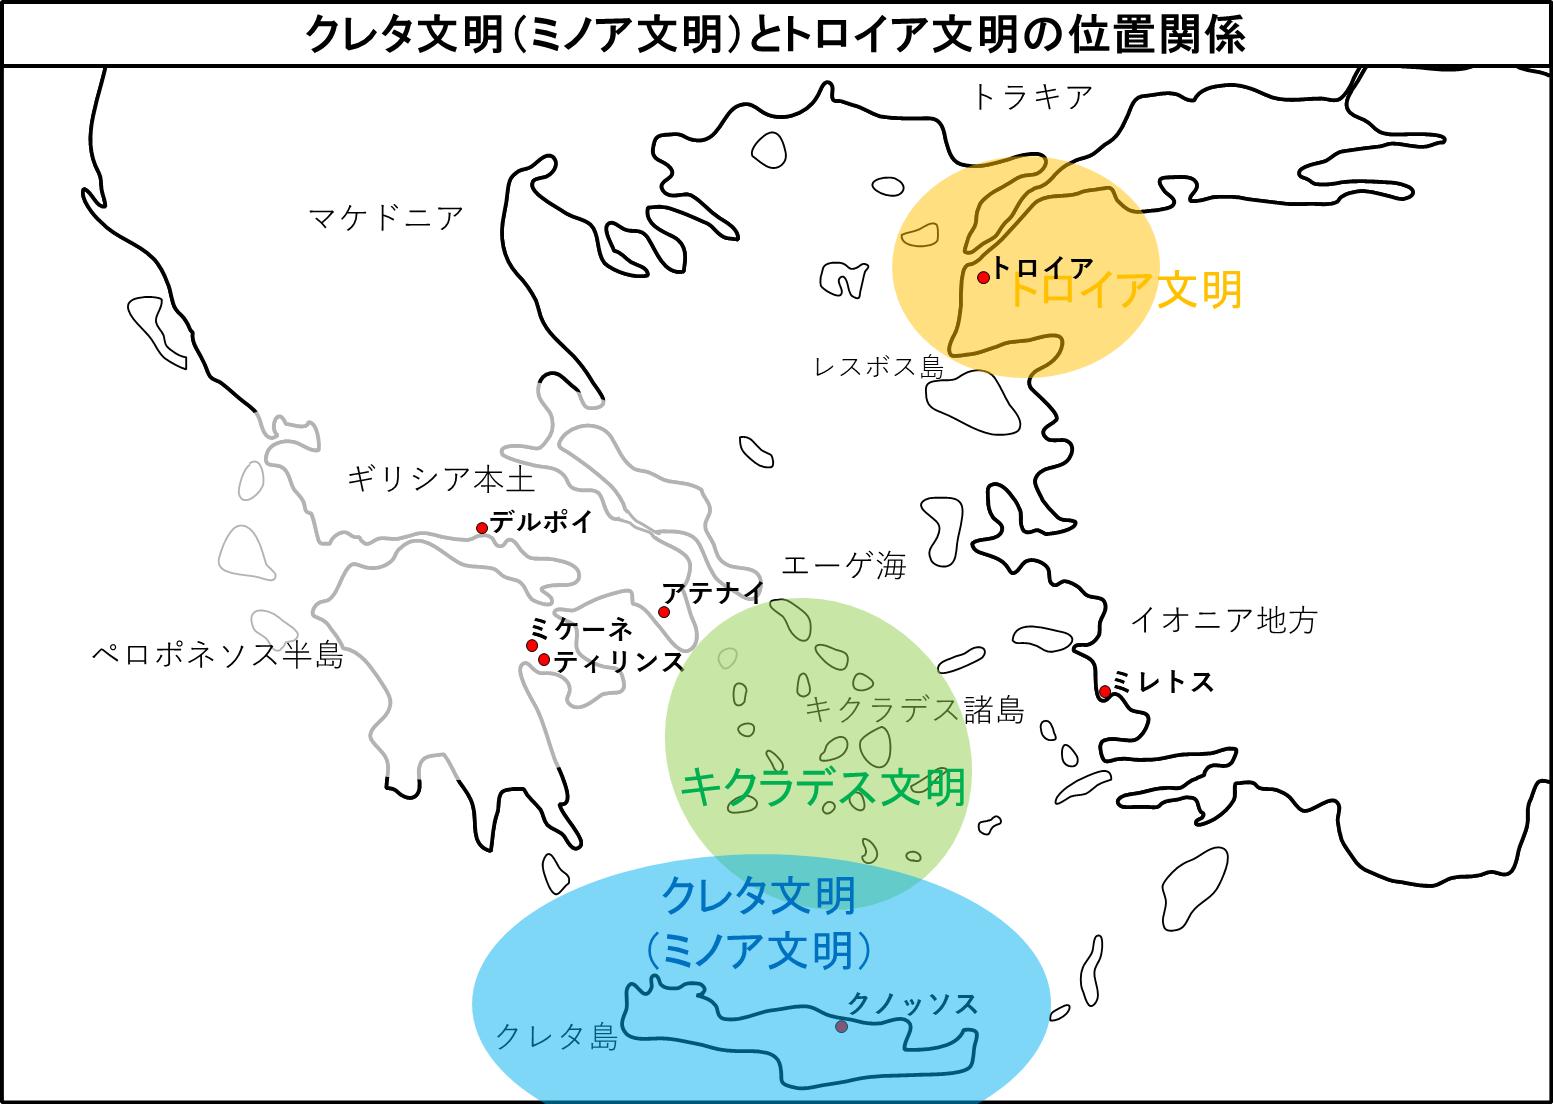 クレタ文明(ミノア文明)とトロイア文明の位置関係